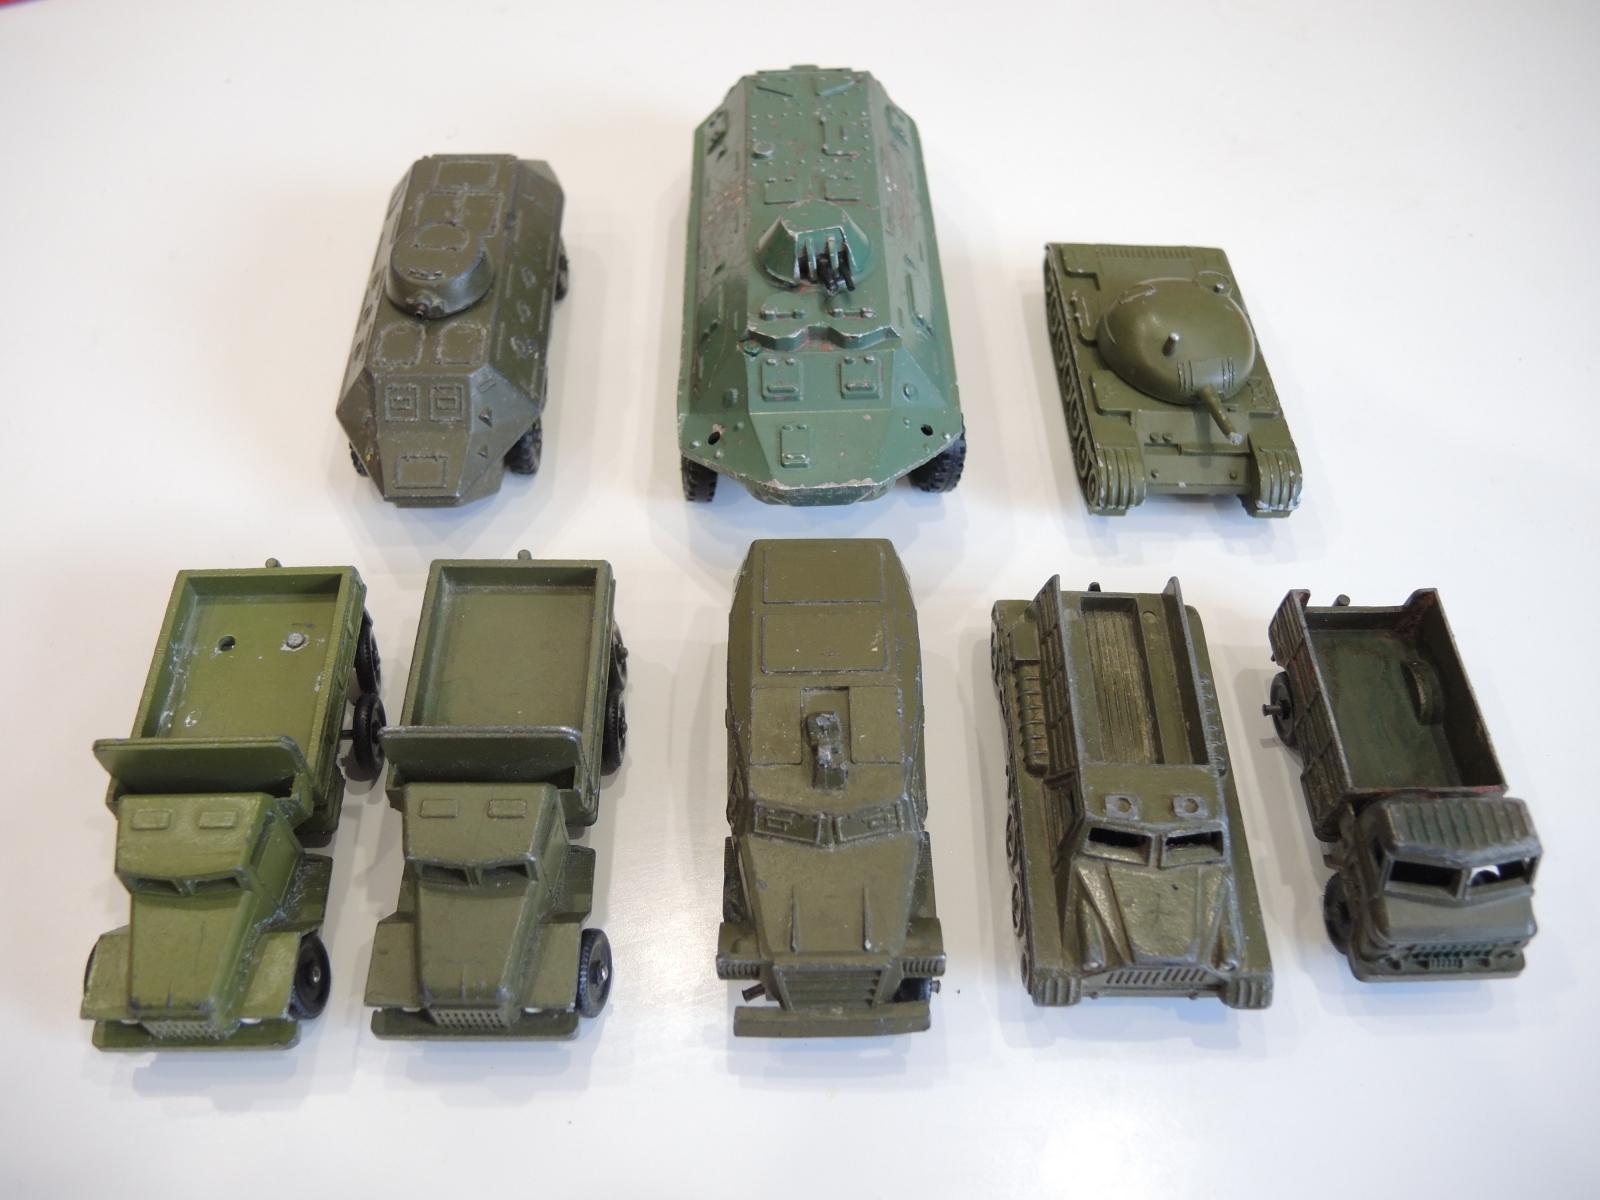 Купить техники в танки ис-5 (объект 730) всего за 799 рублей!